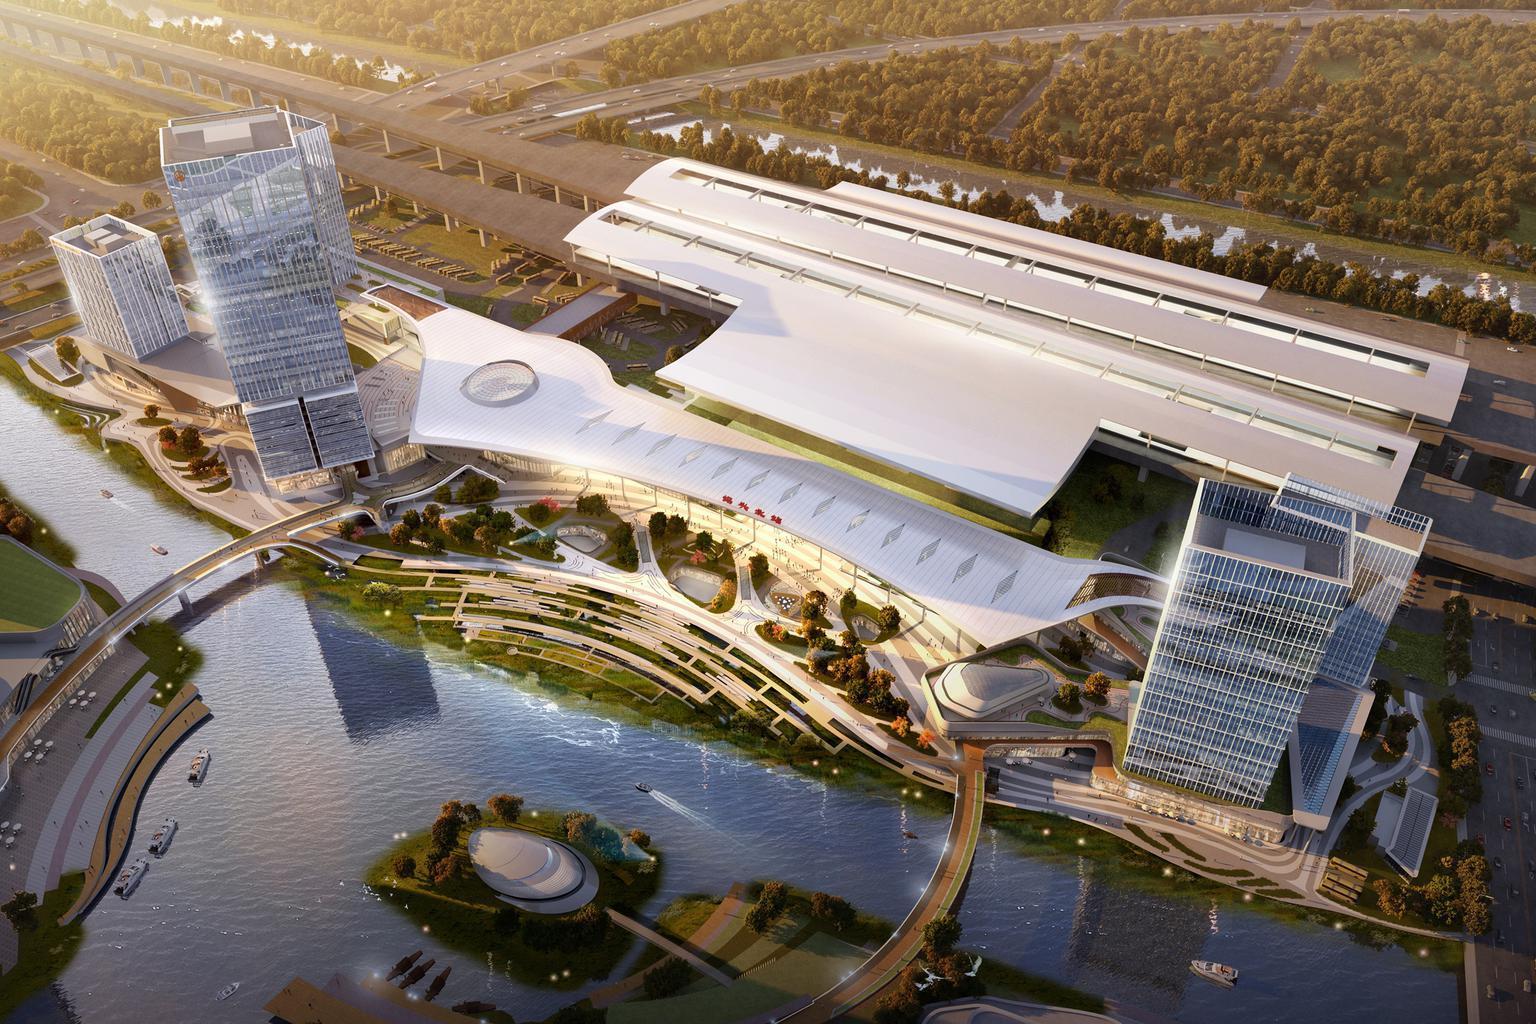 绍兴北站改造进展喜人,将成绍兴未来新门户,是浙江省重点工程